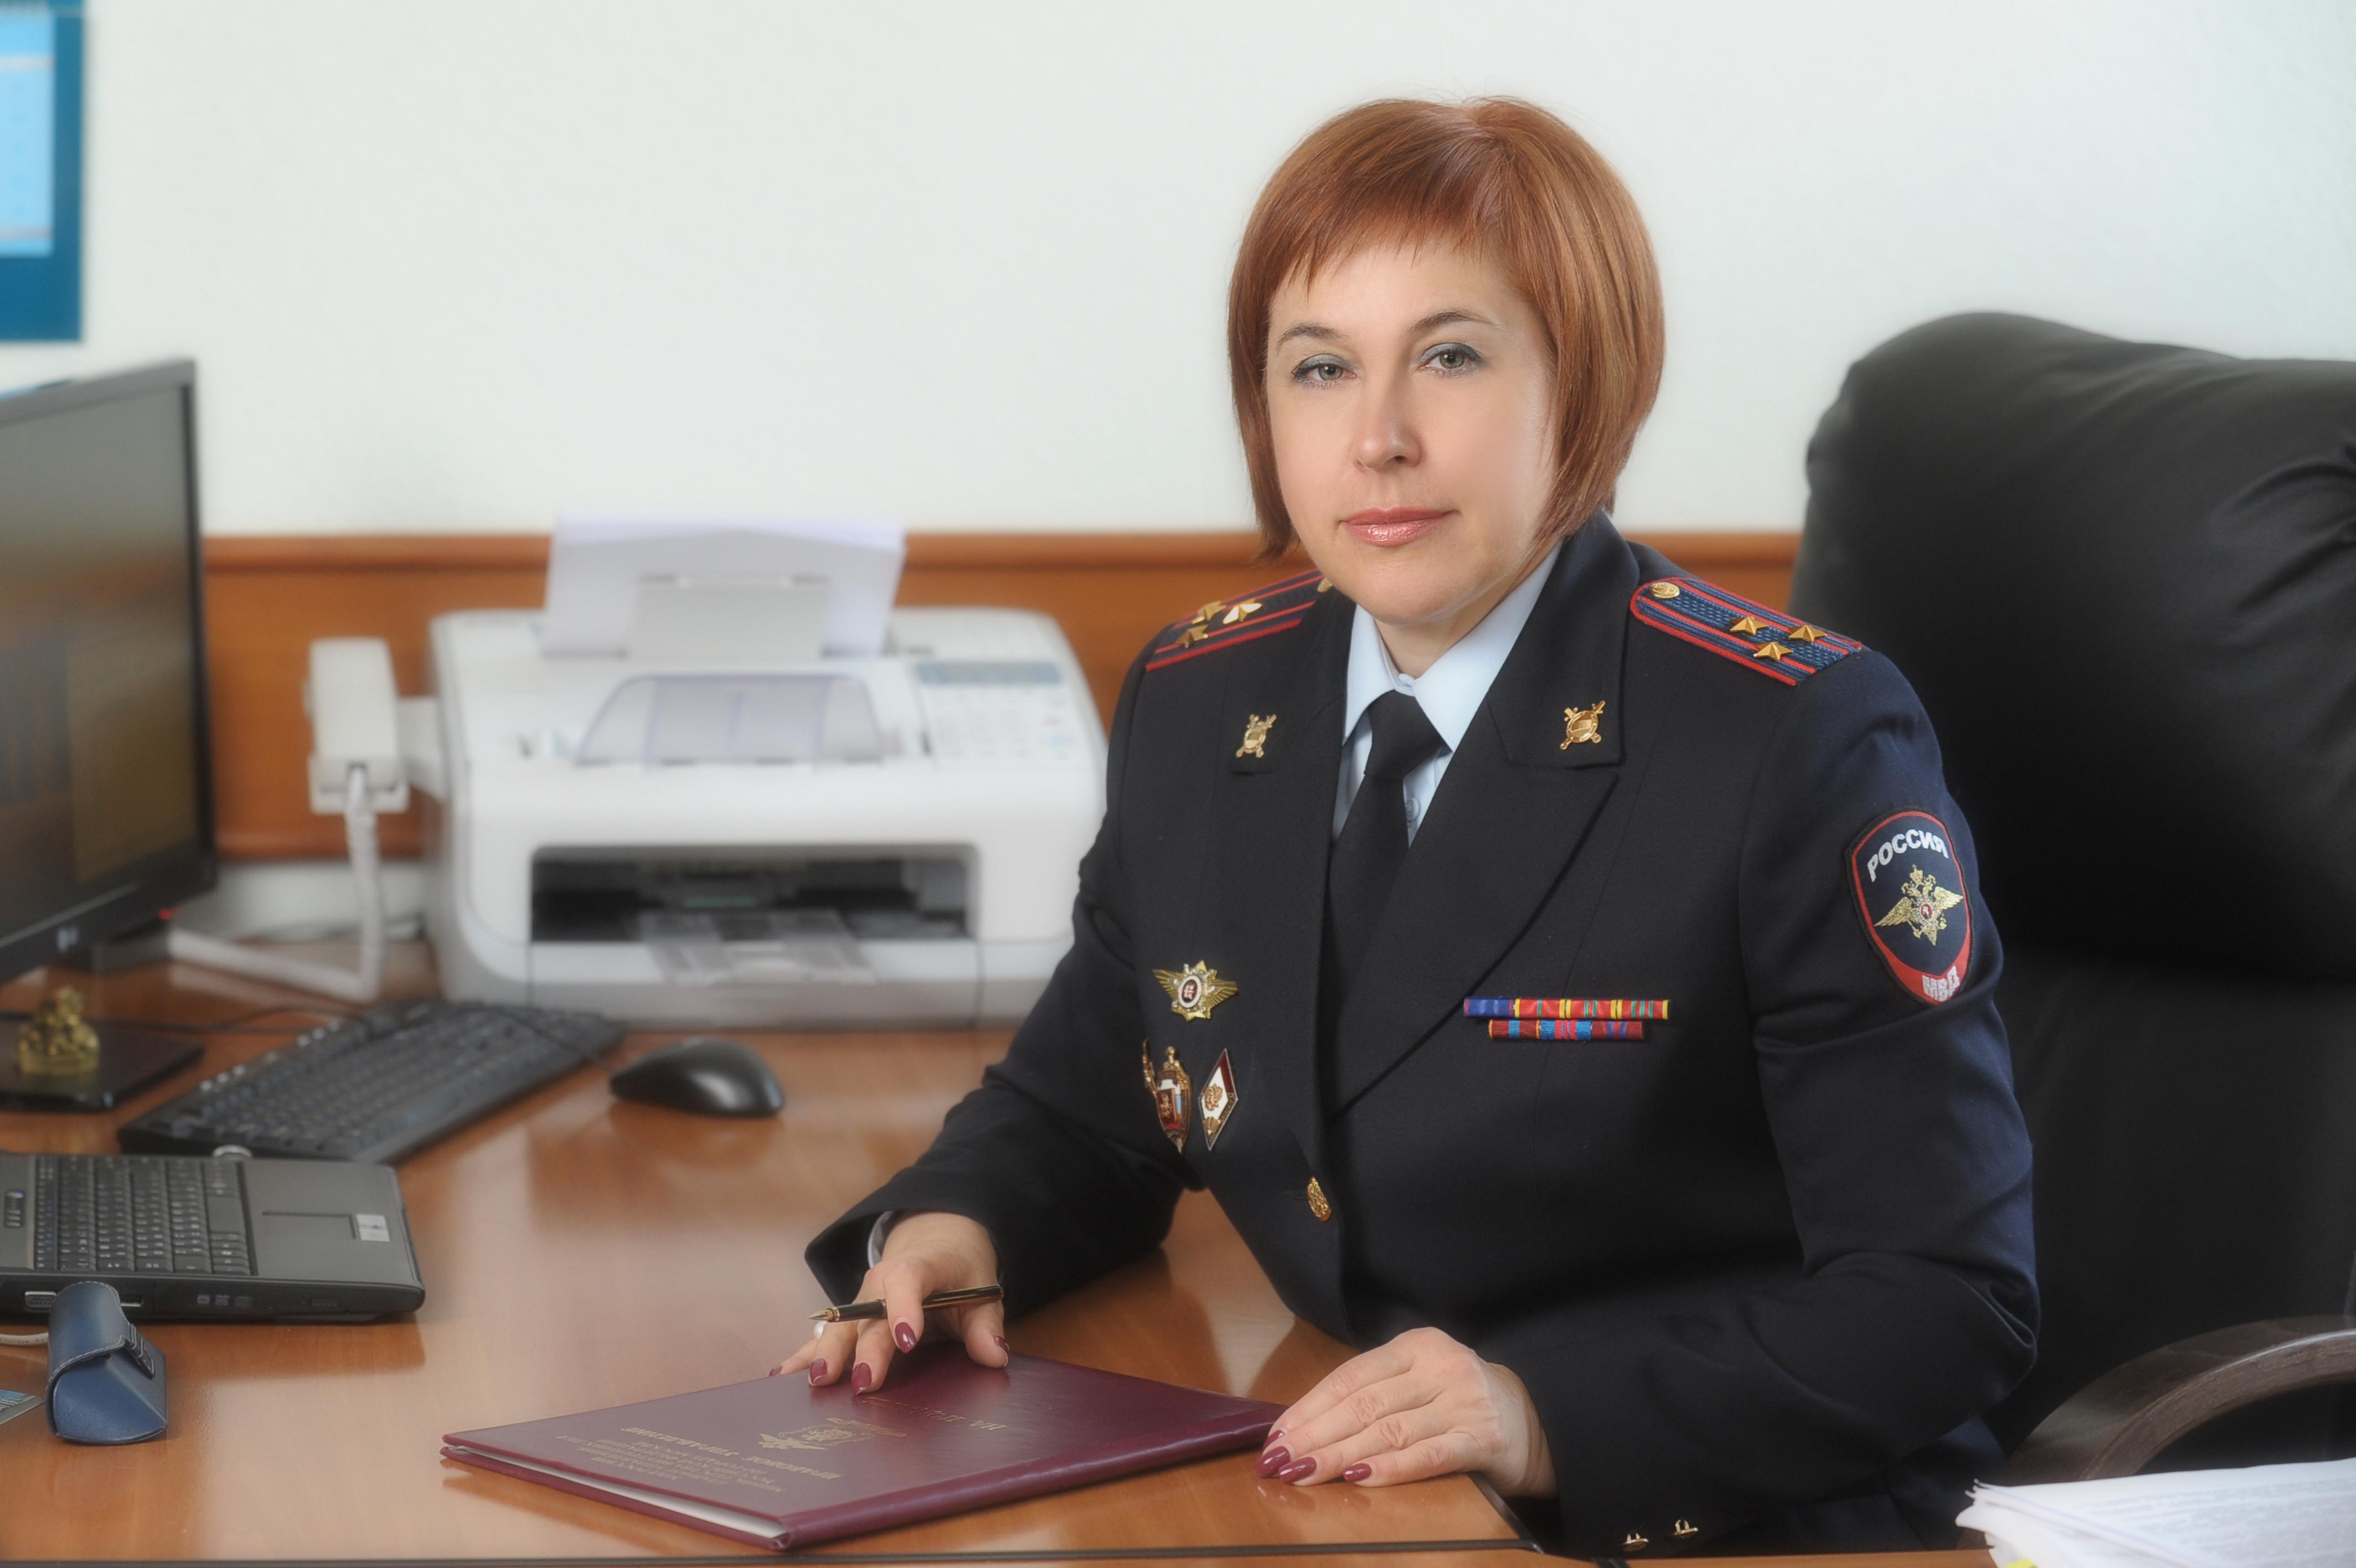 Марина Астахова. Фото © Ассоциация работников правоохранительных органов и спецслужб